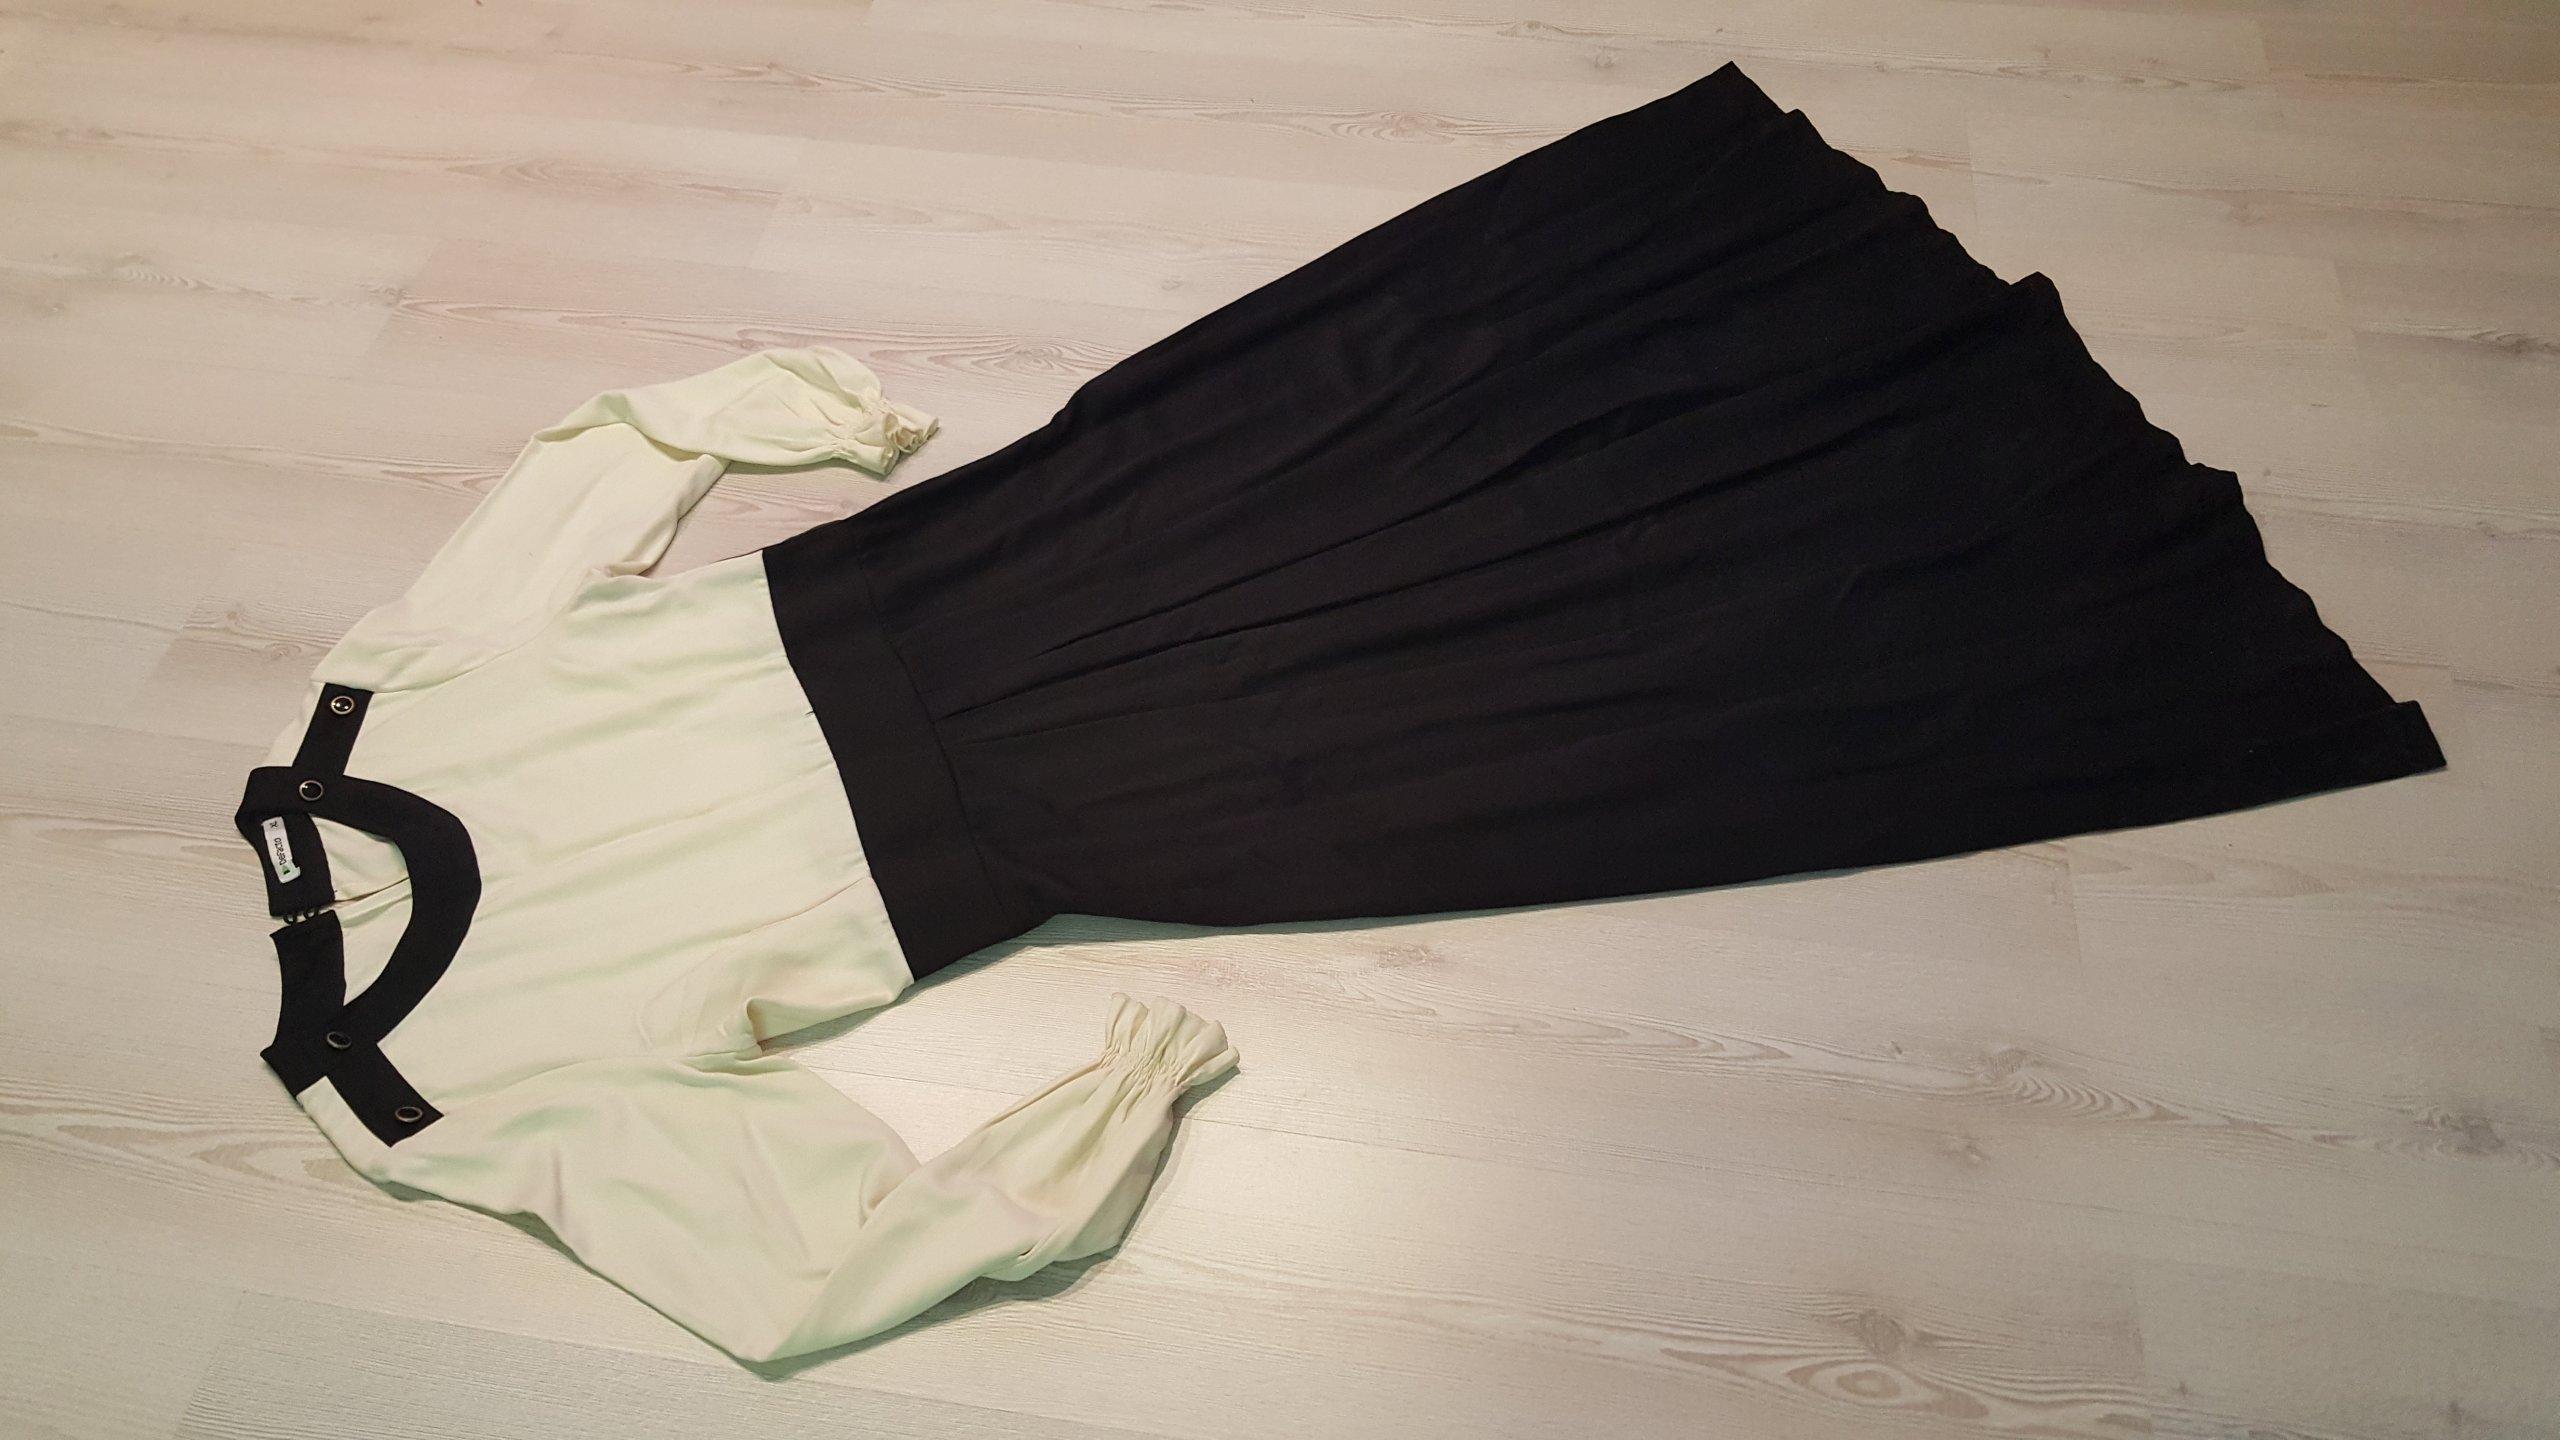 cd81940774 królewna na wesele sukienka strój szlachcianka 319 - 7339313025 ...